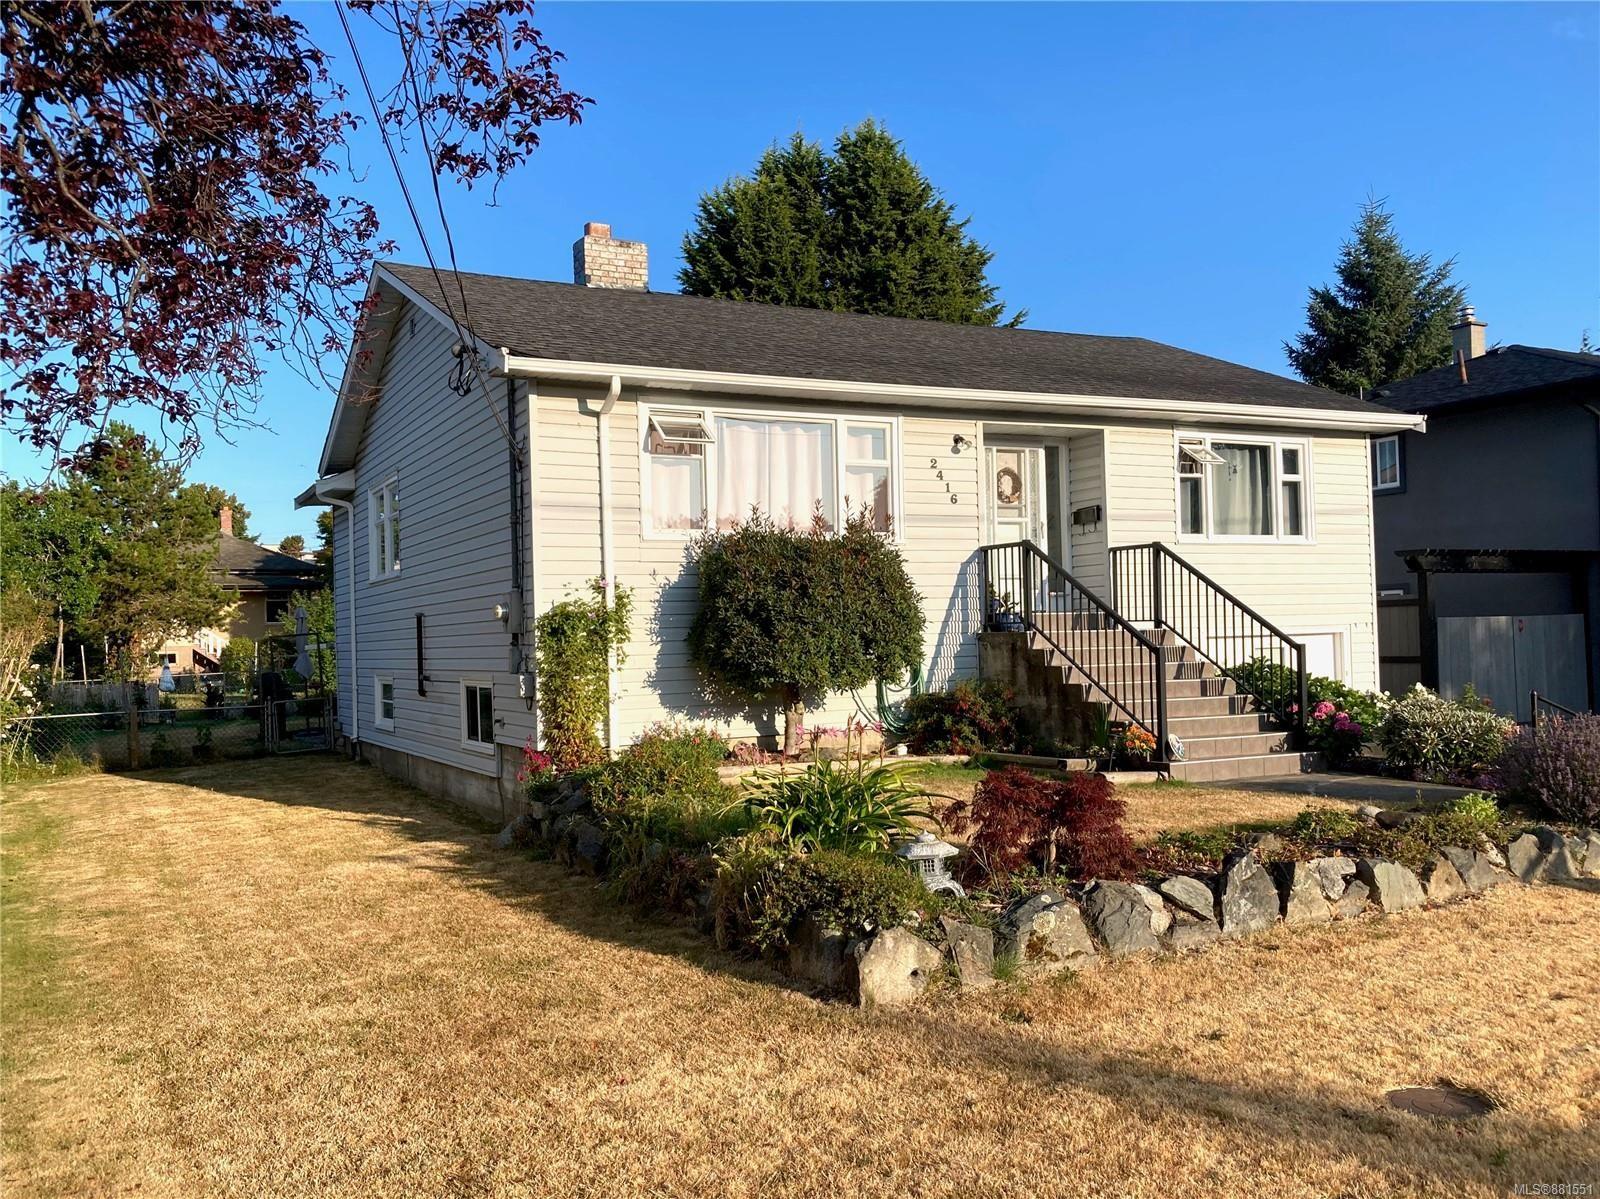 Main Photo: 2416 Mowat St in : OB Henderson House for sale (Oak Bay)  : MLS®# 881551